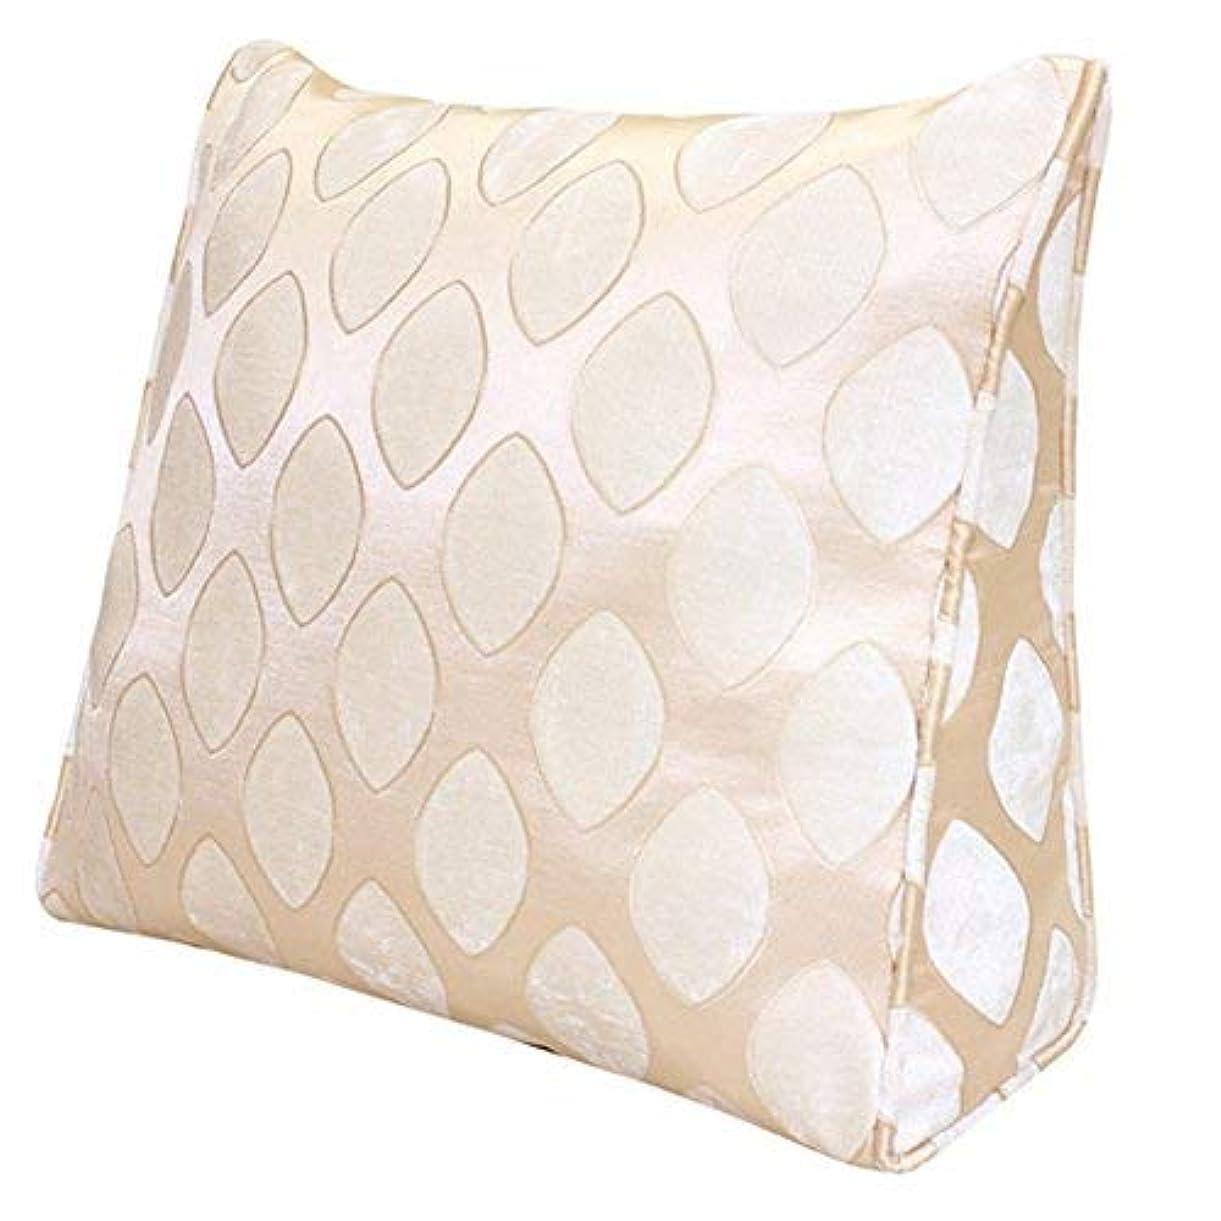 遠近法不愉快に使用法31-luoshangqing クリエイティブソファー厚いベッドバックシングルソファーチェア枕クッション (Color : A, サイズ : 60*50 cm)